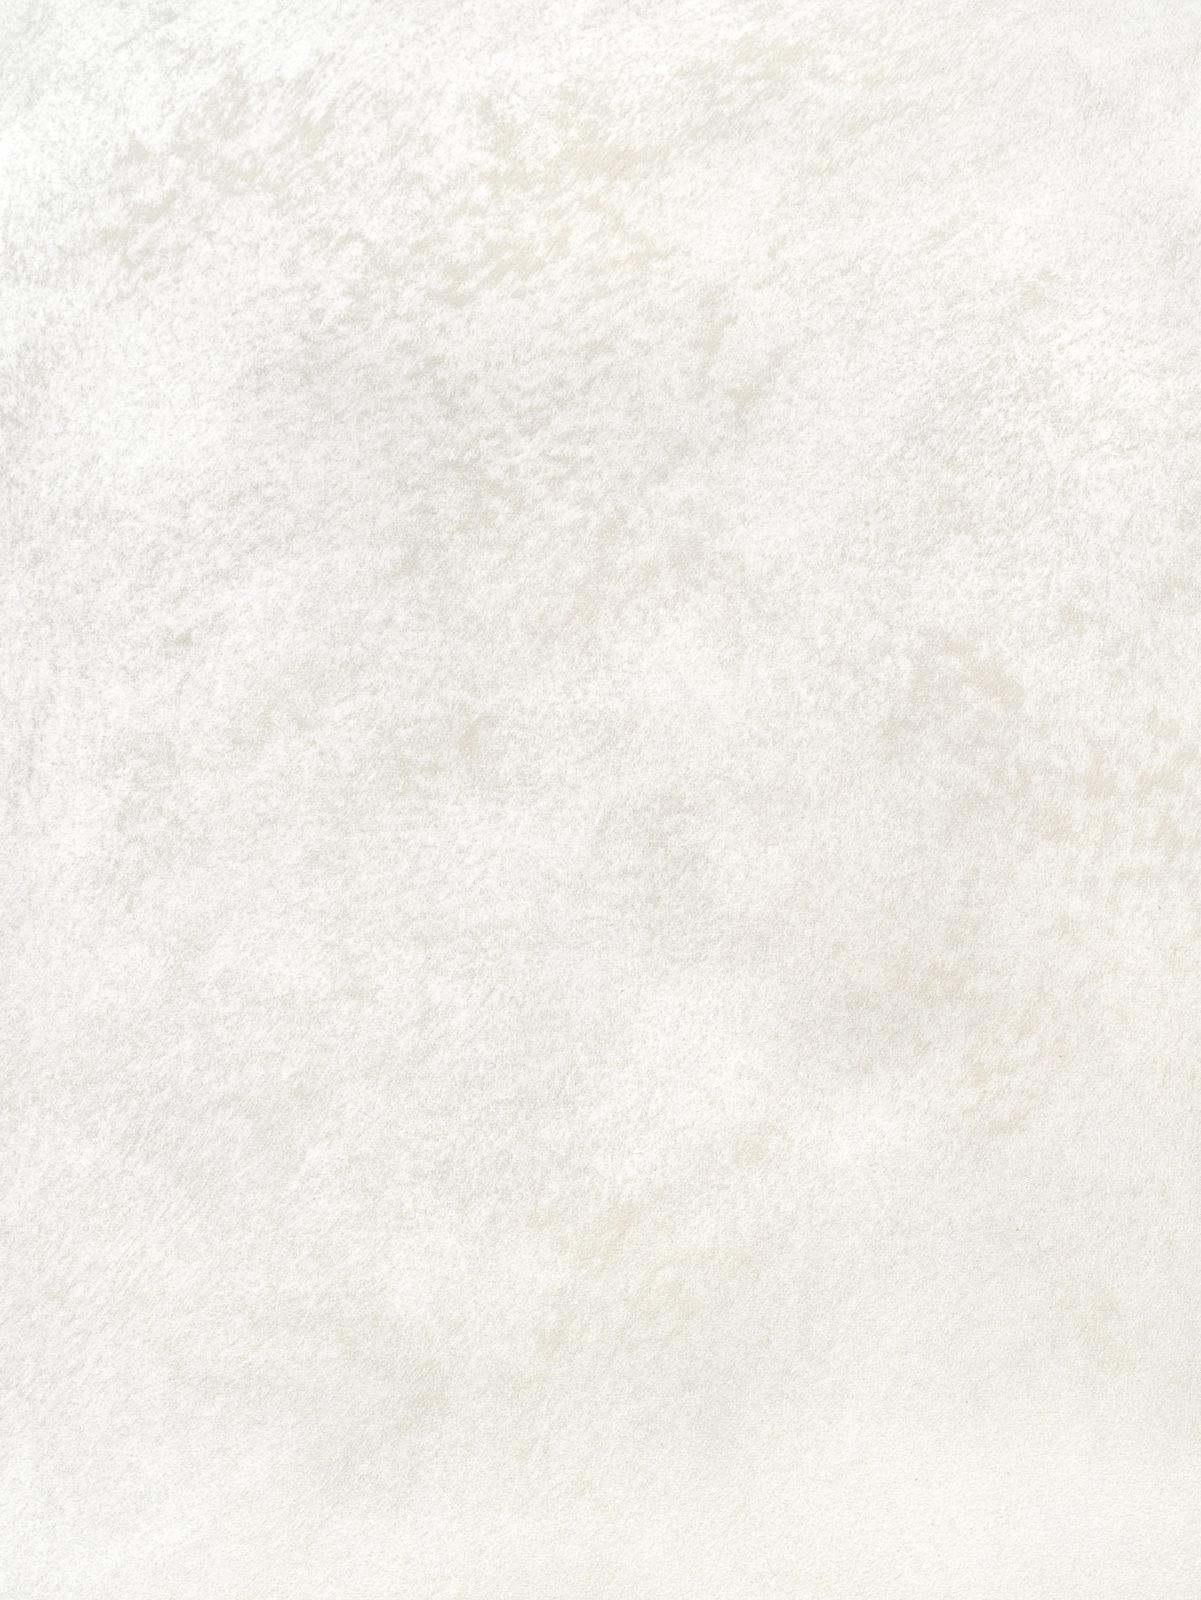 Купить декоративные дизайнерские покрытия с эффектом песка